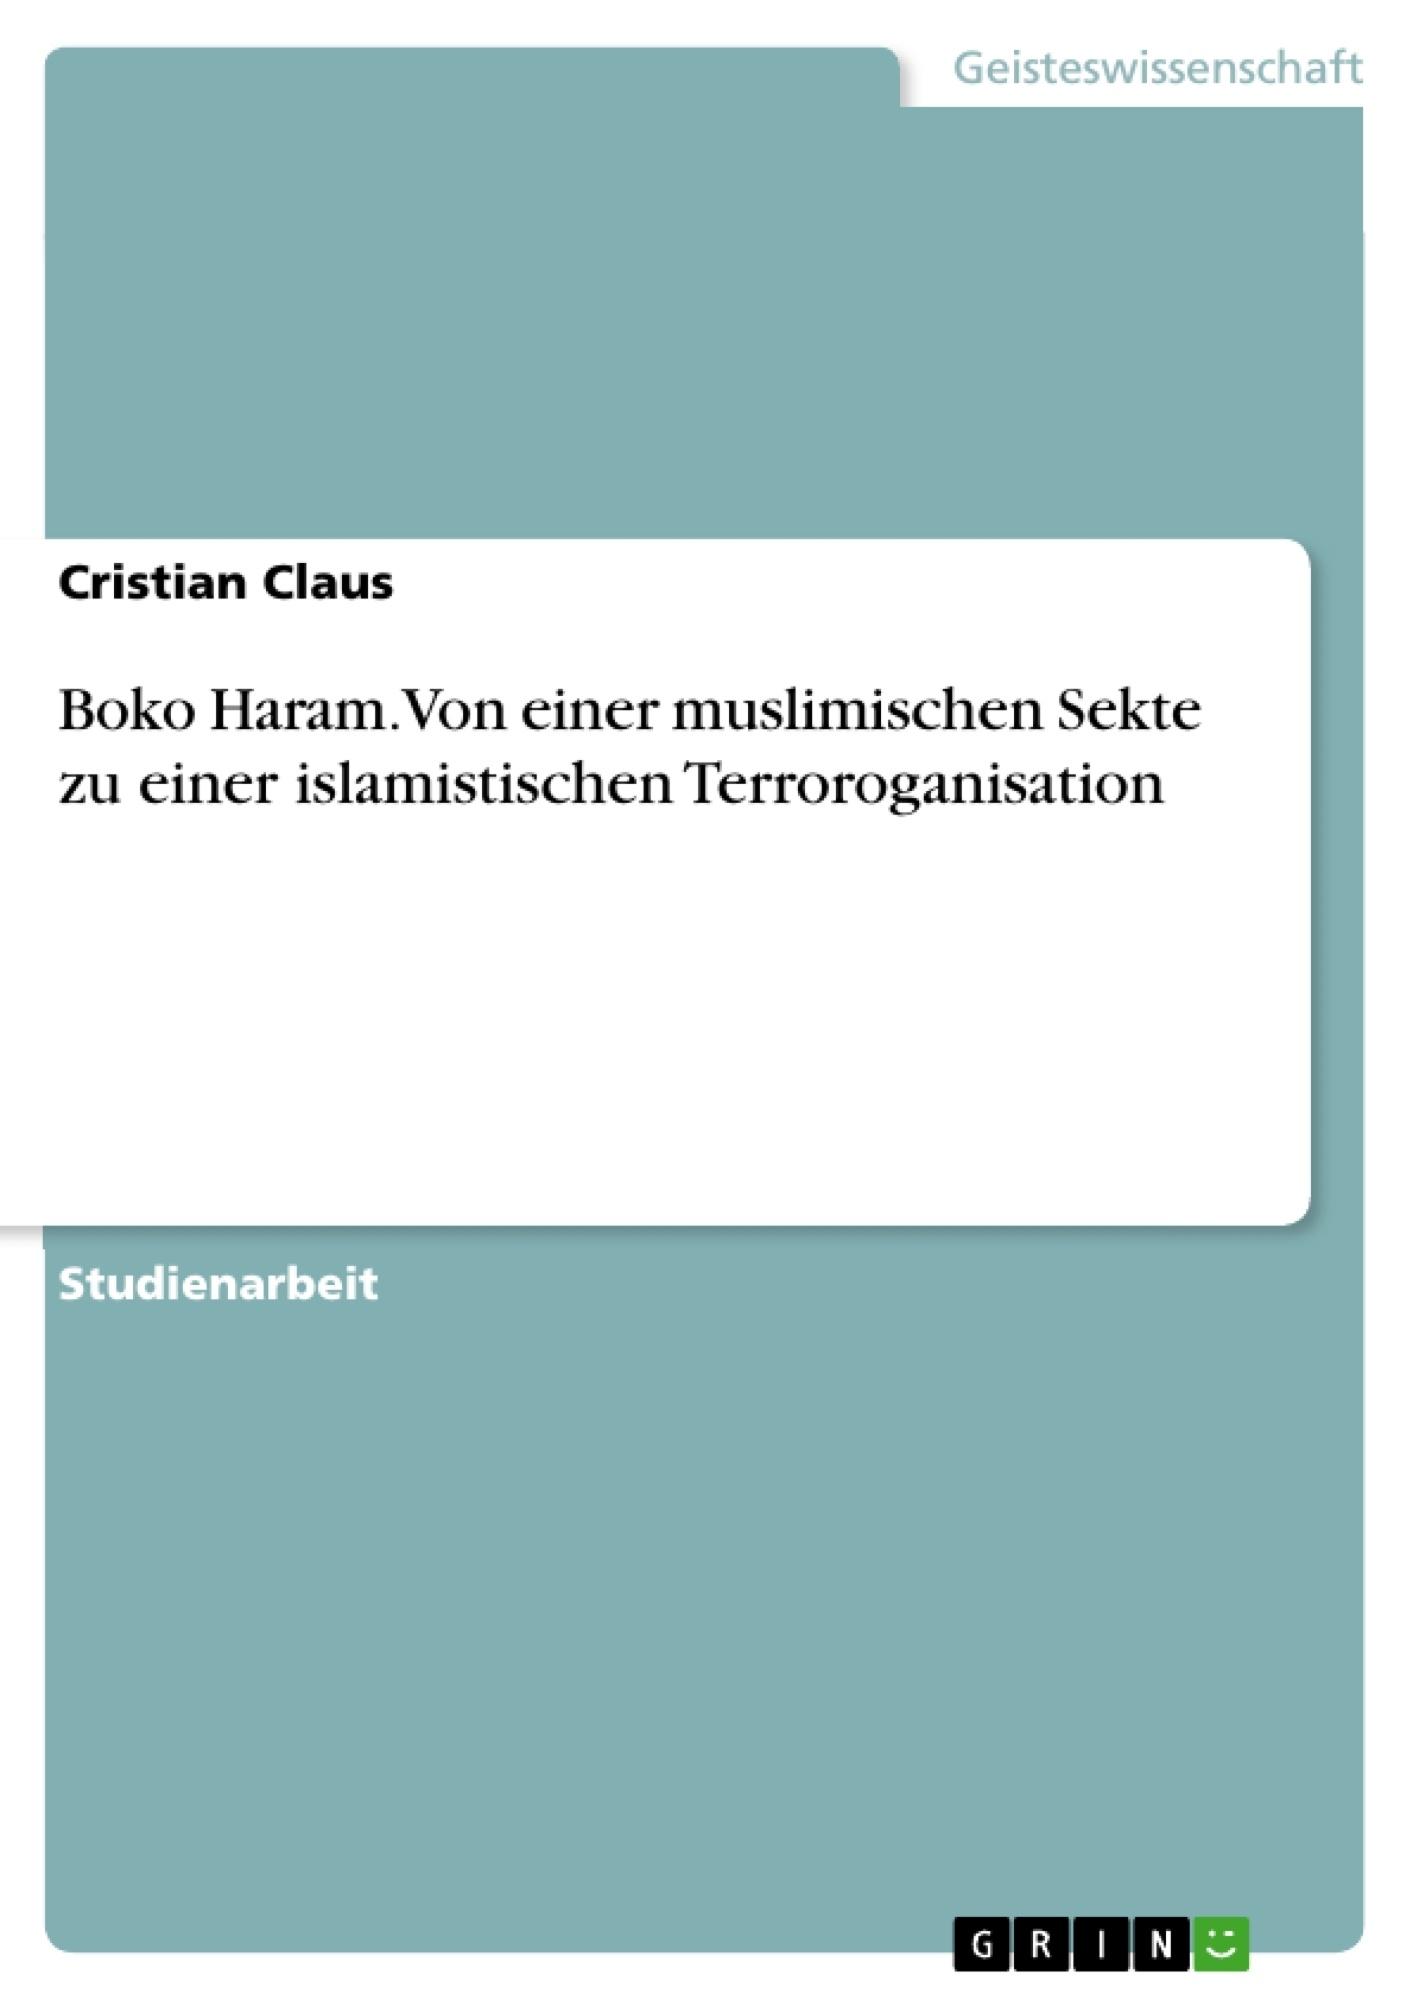 Titel: Boko Haram. Von einer muslimischen Sekte zu einer islamistischen Terroroganisation